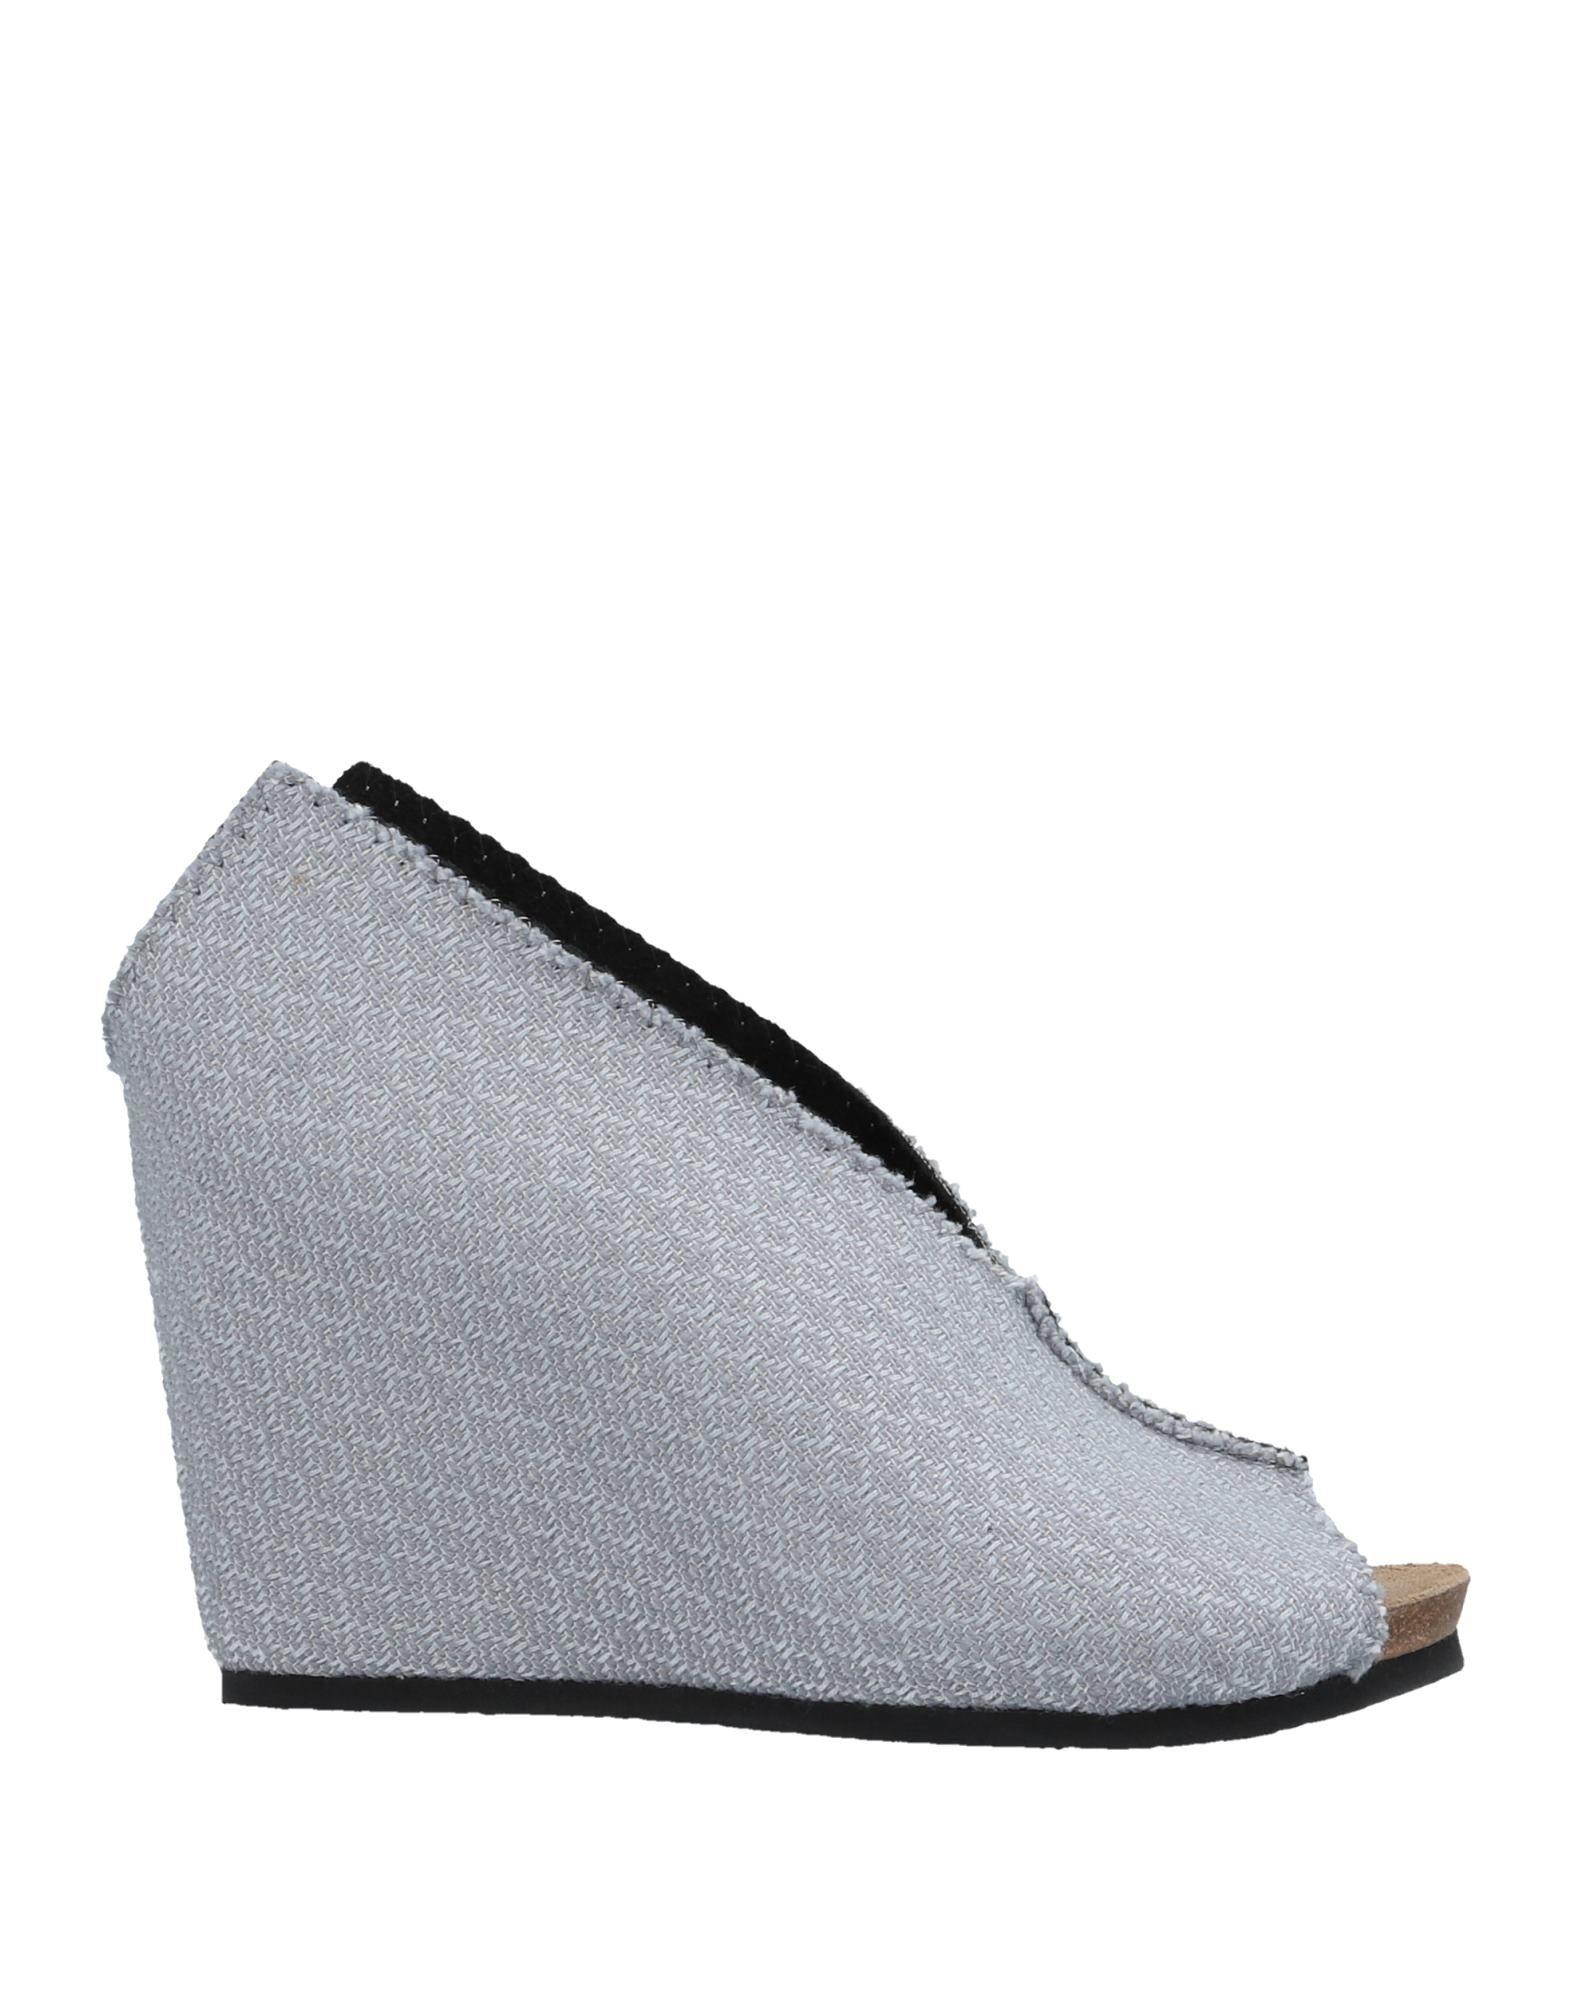 Stilvolle Stiefelette billige Schuhe Peter Non Stiefelette Stilvolle Damen  11508723RD 7943d8